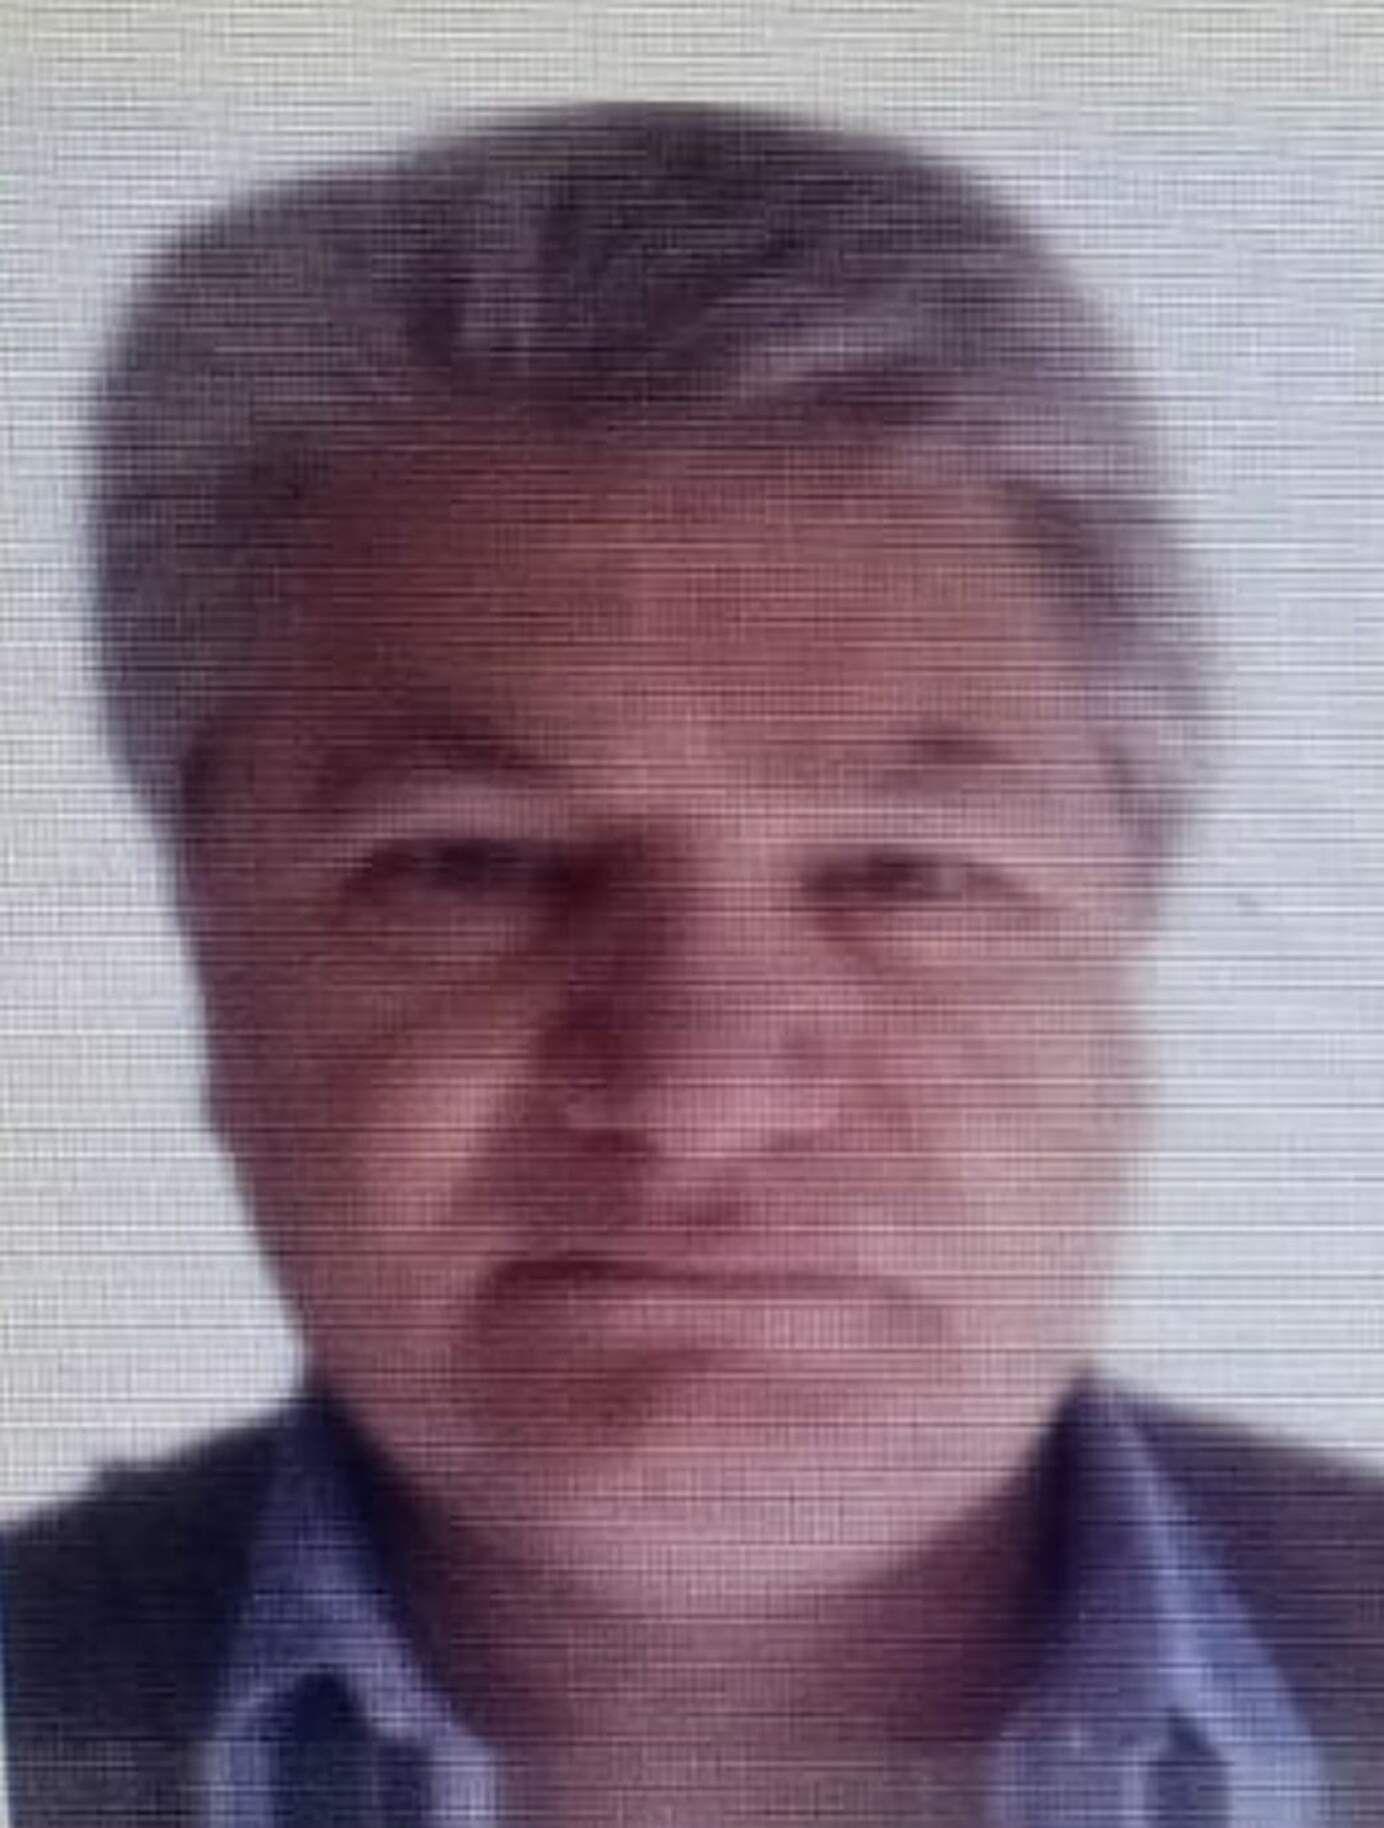 Antonio Nelson Raimondi, quien dice ser actual propietario de las tierras que fueron despojadas con una sentencia falsa.